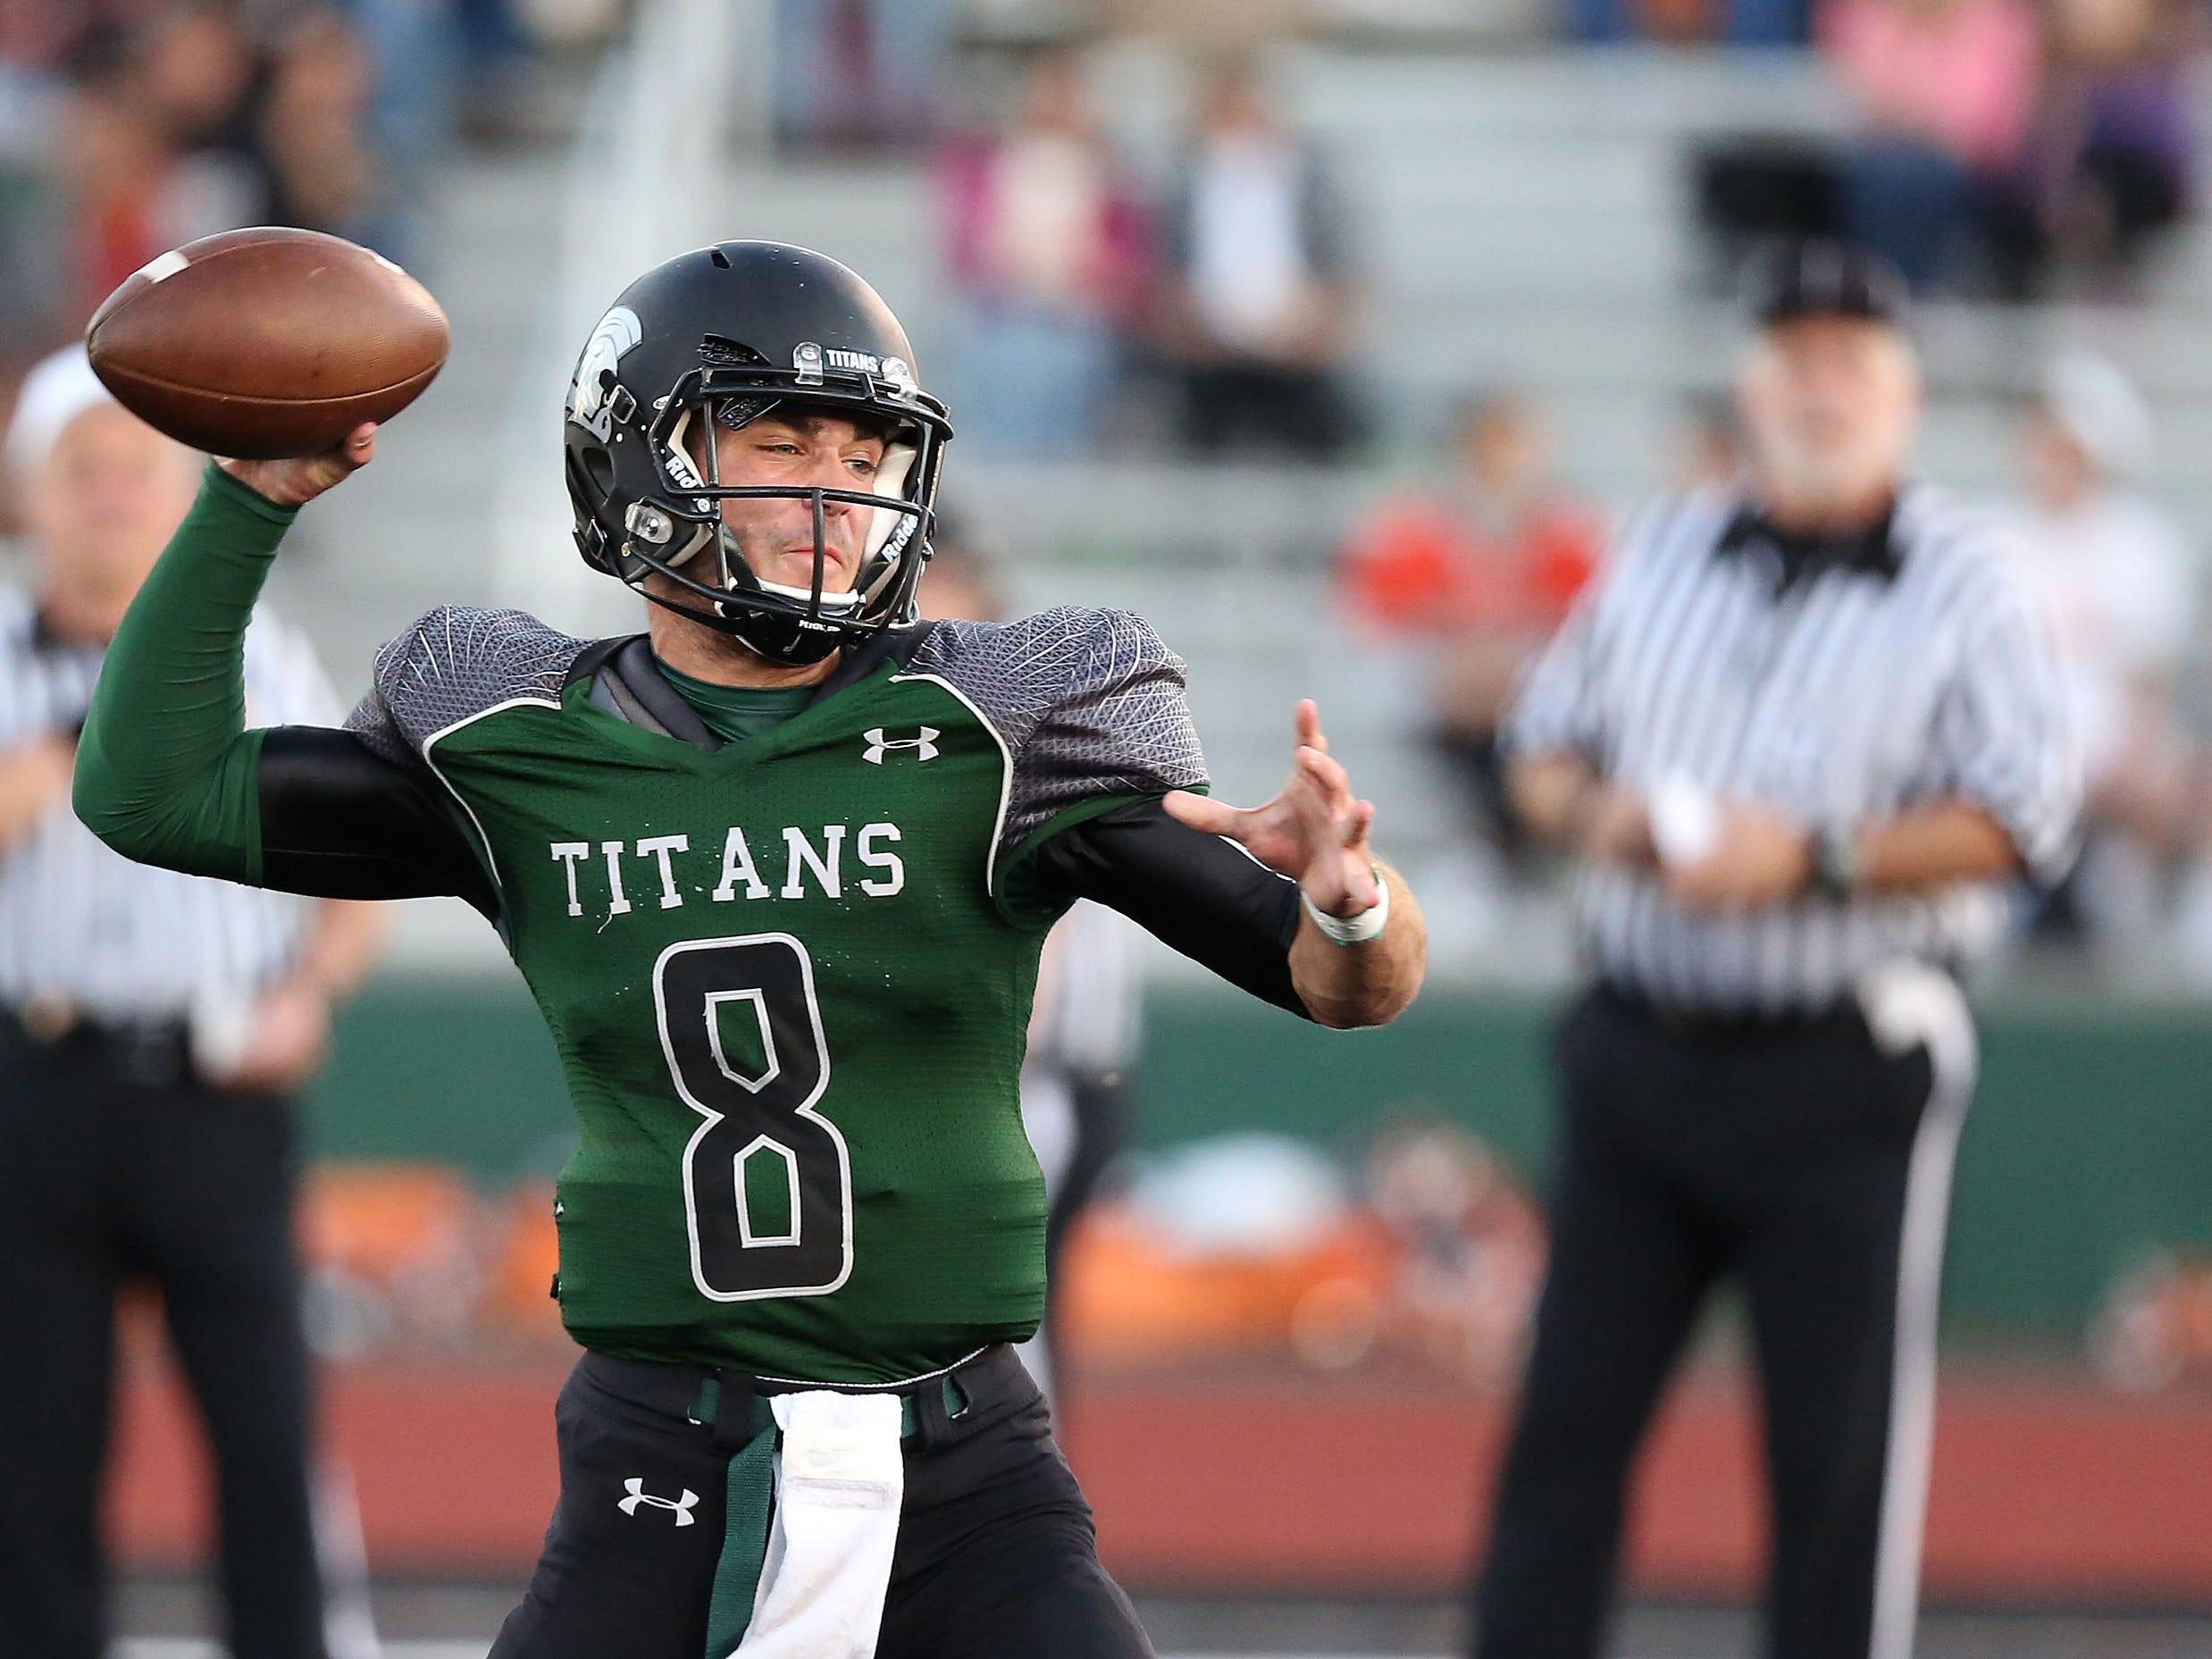 West Salem Titans quarterback Cade Smith